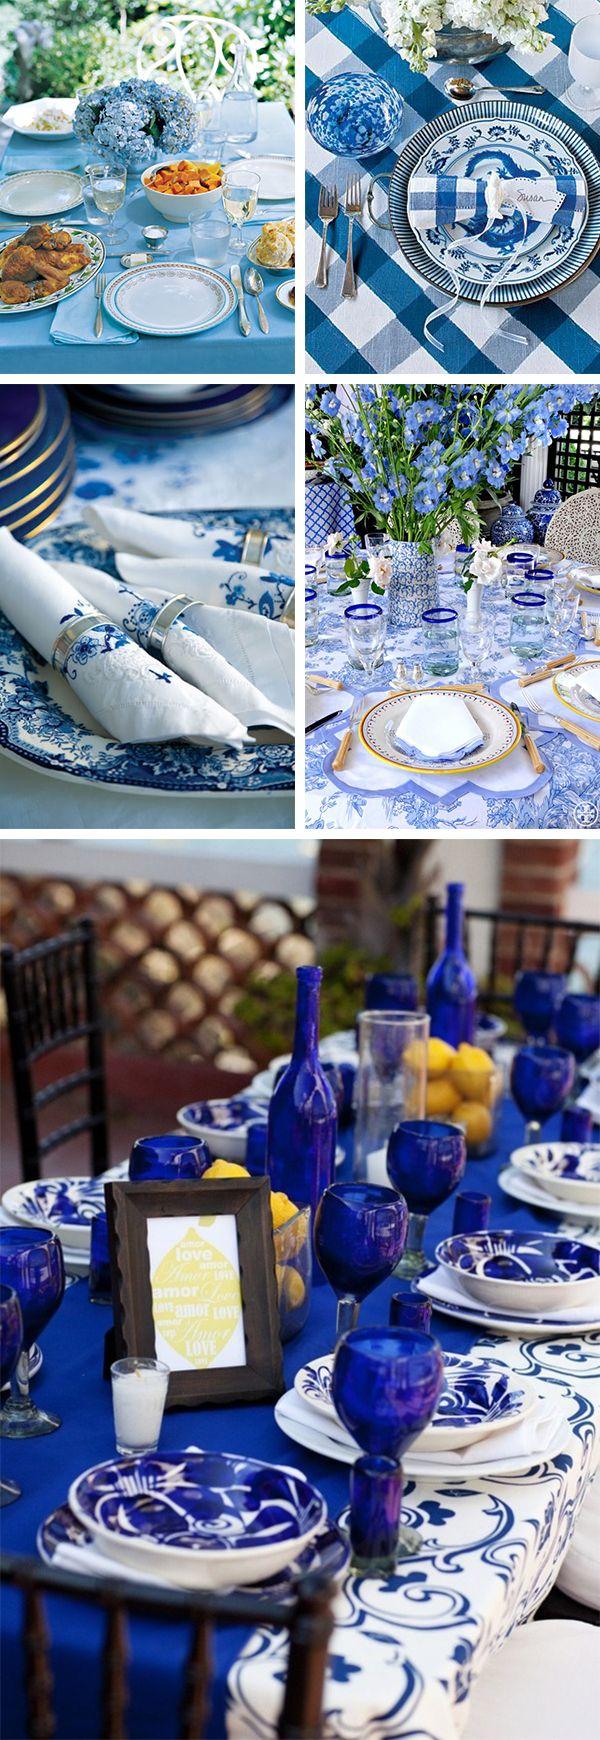 Ótimas ideias para usar o azul na decoração!